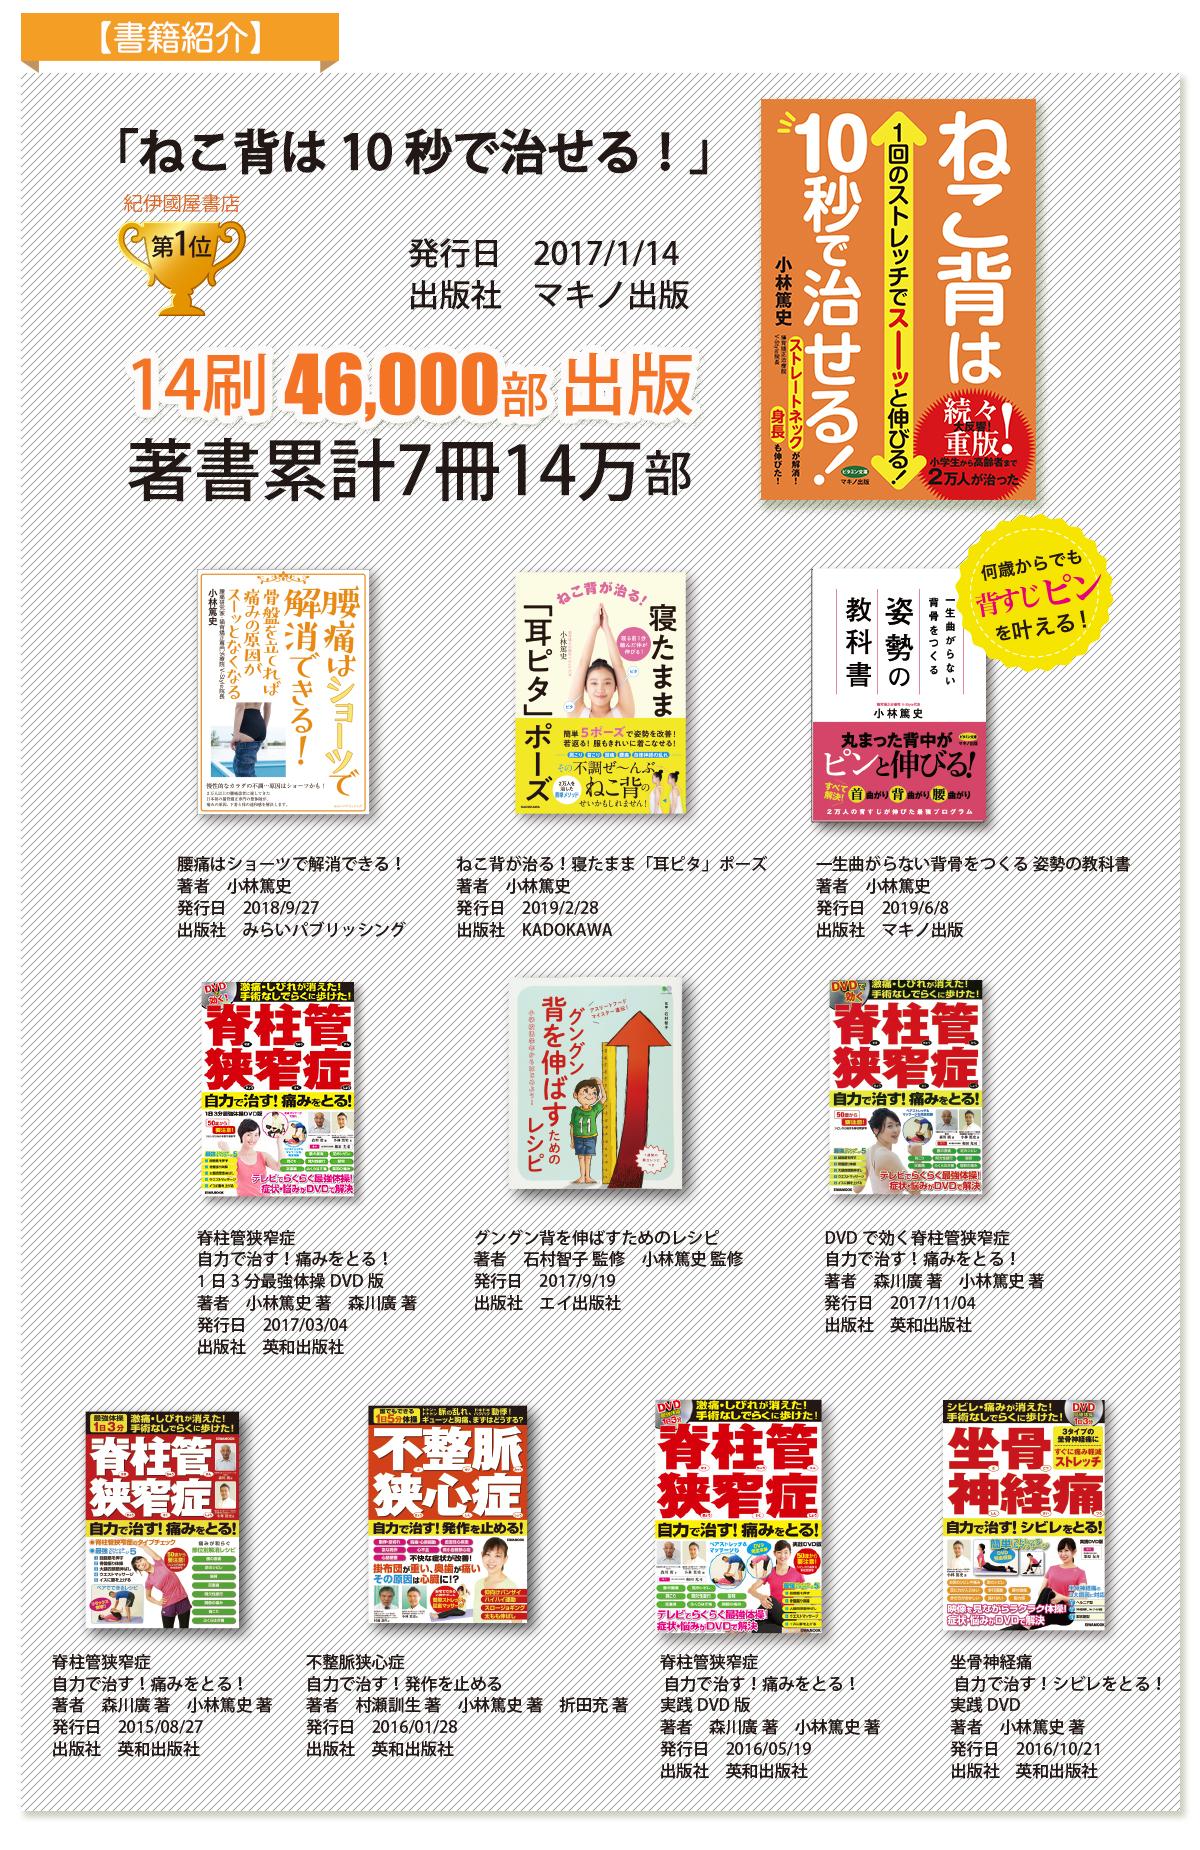 「ねこ背は10秒で治せる!」14刷46,000部出版。著書累計7冊14万部